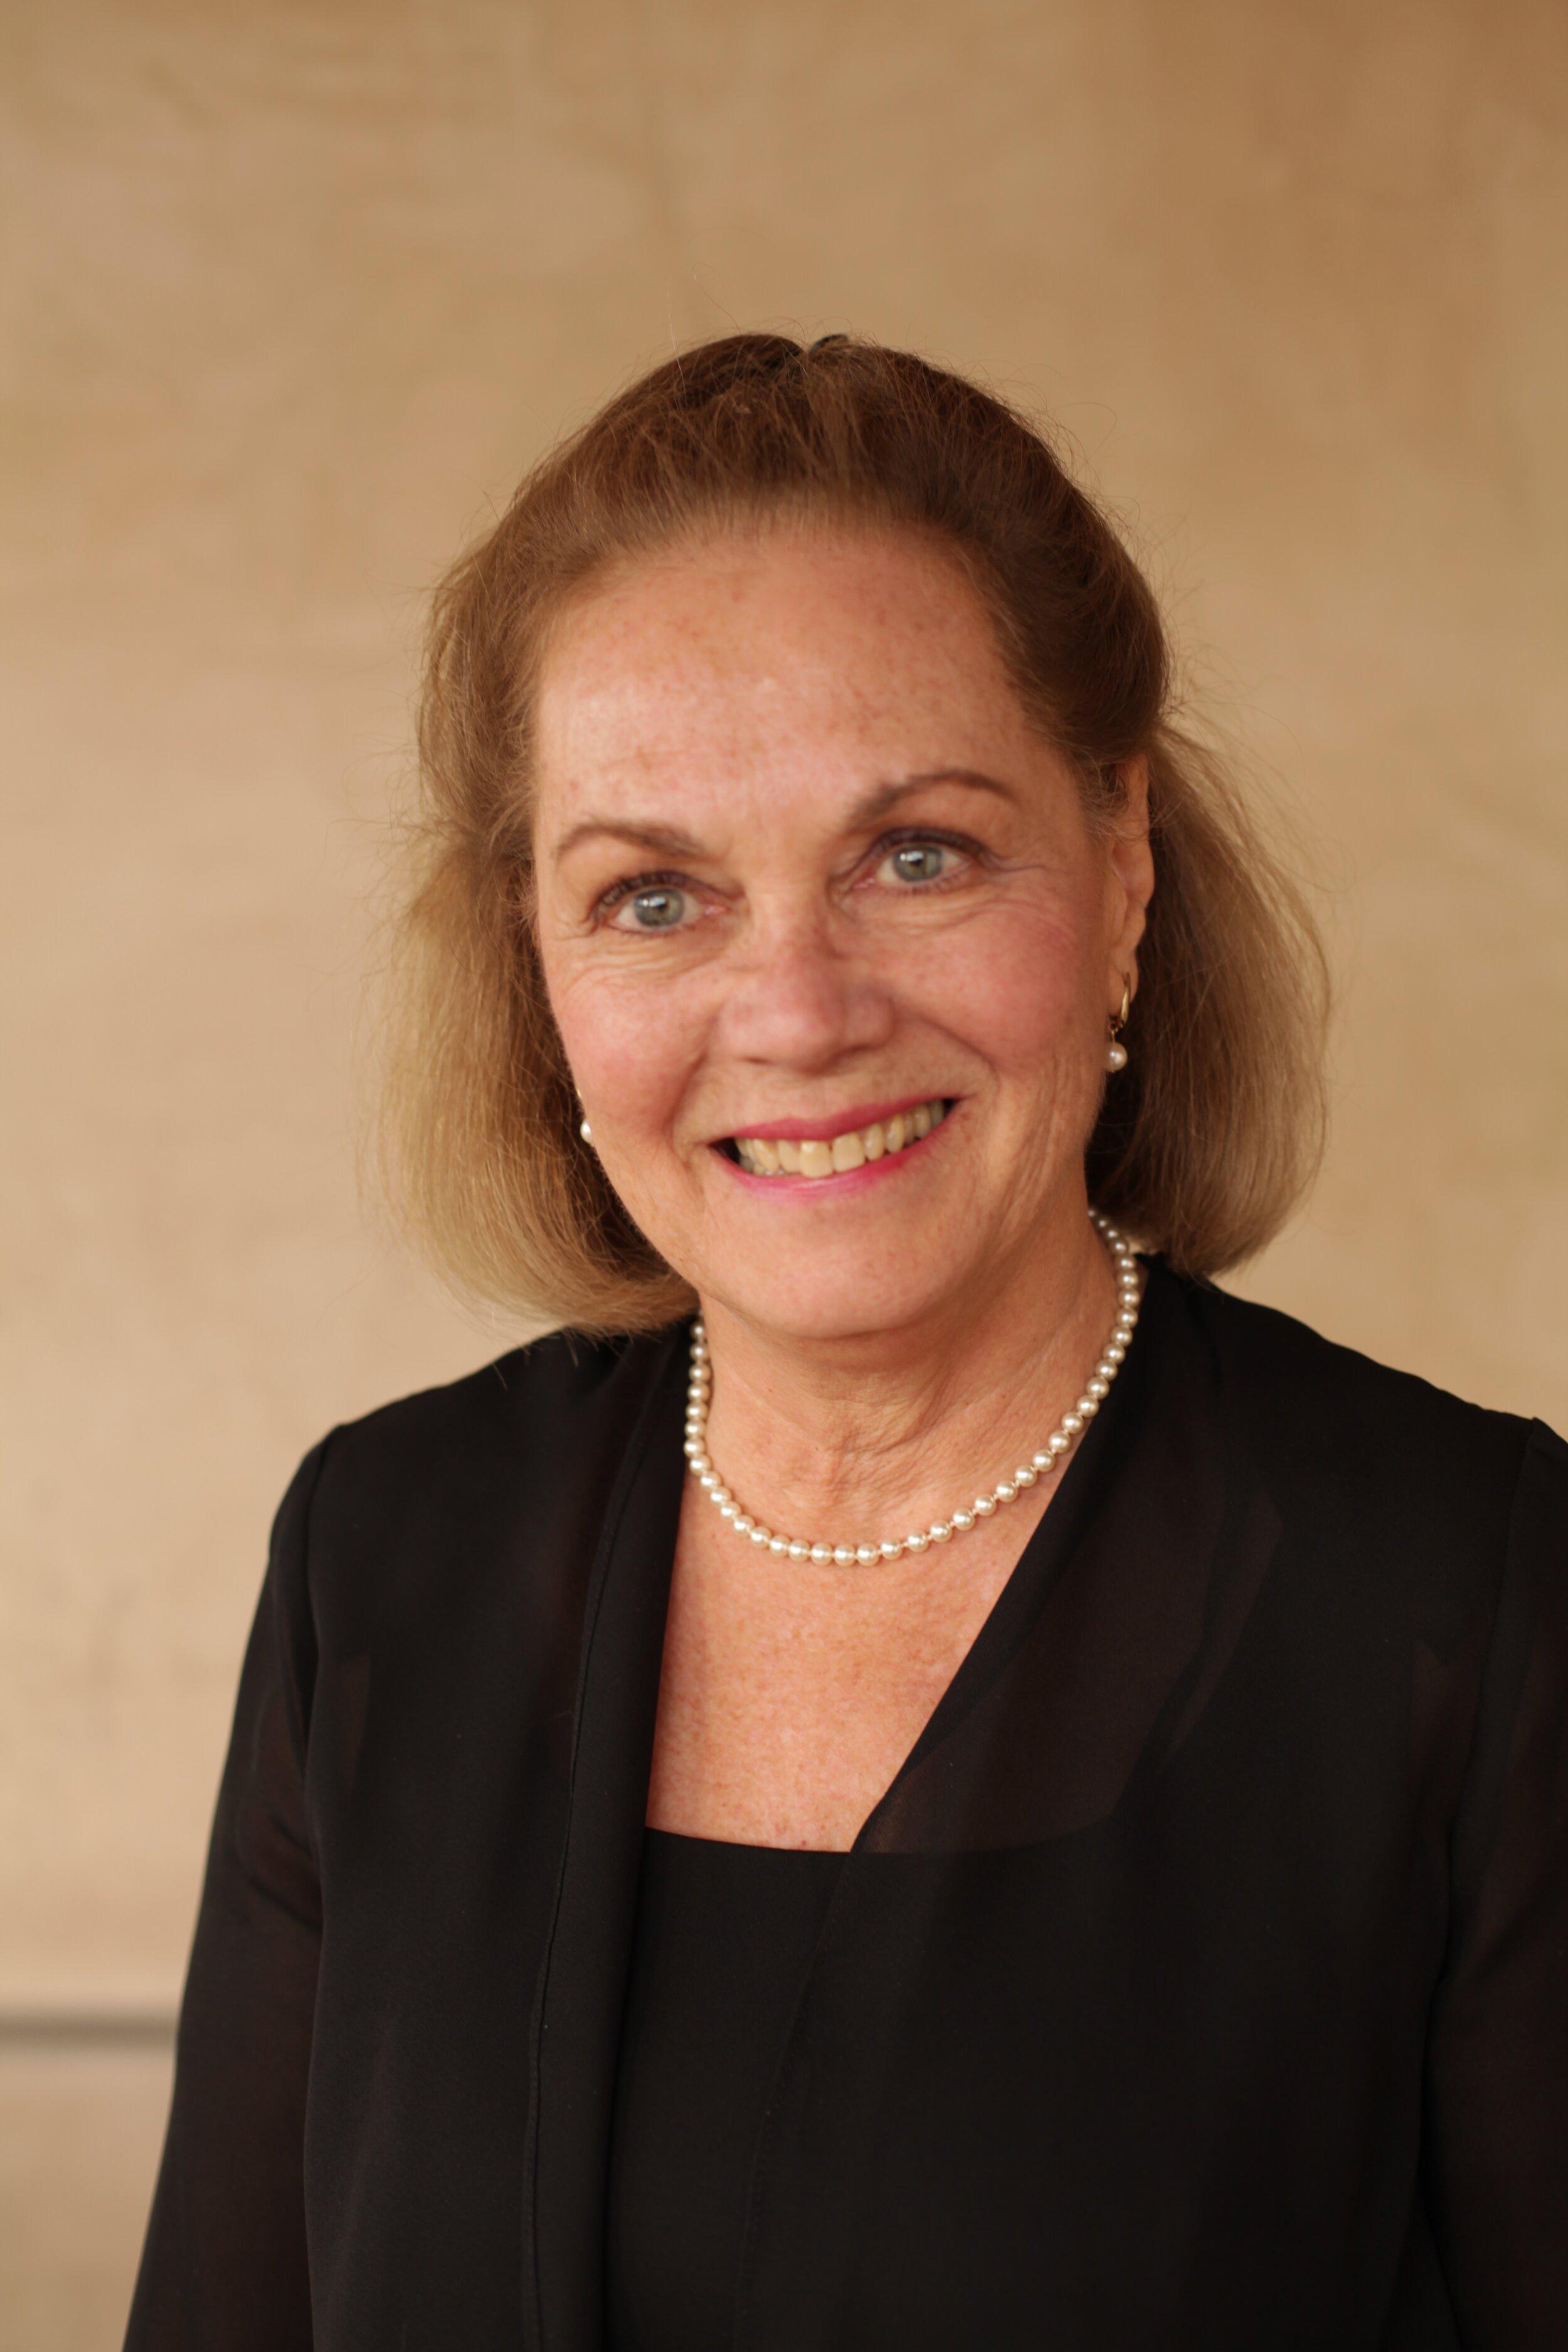 Julie Edelberg